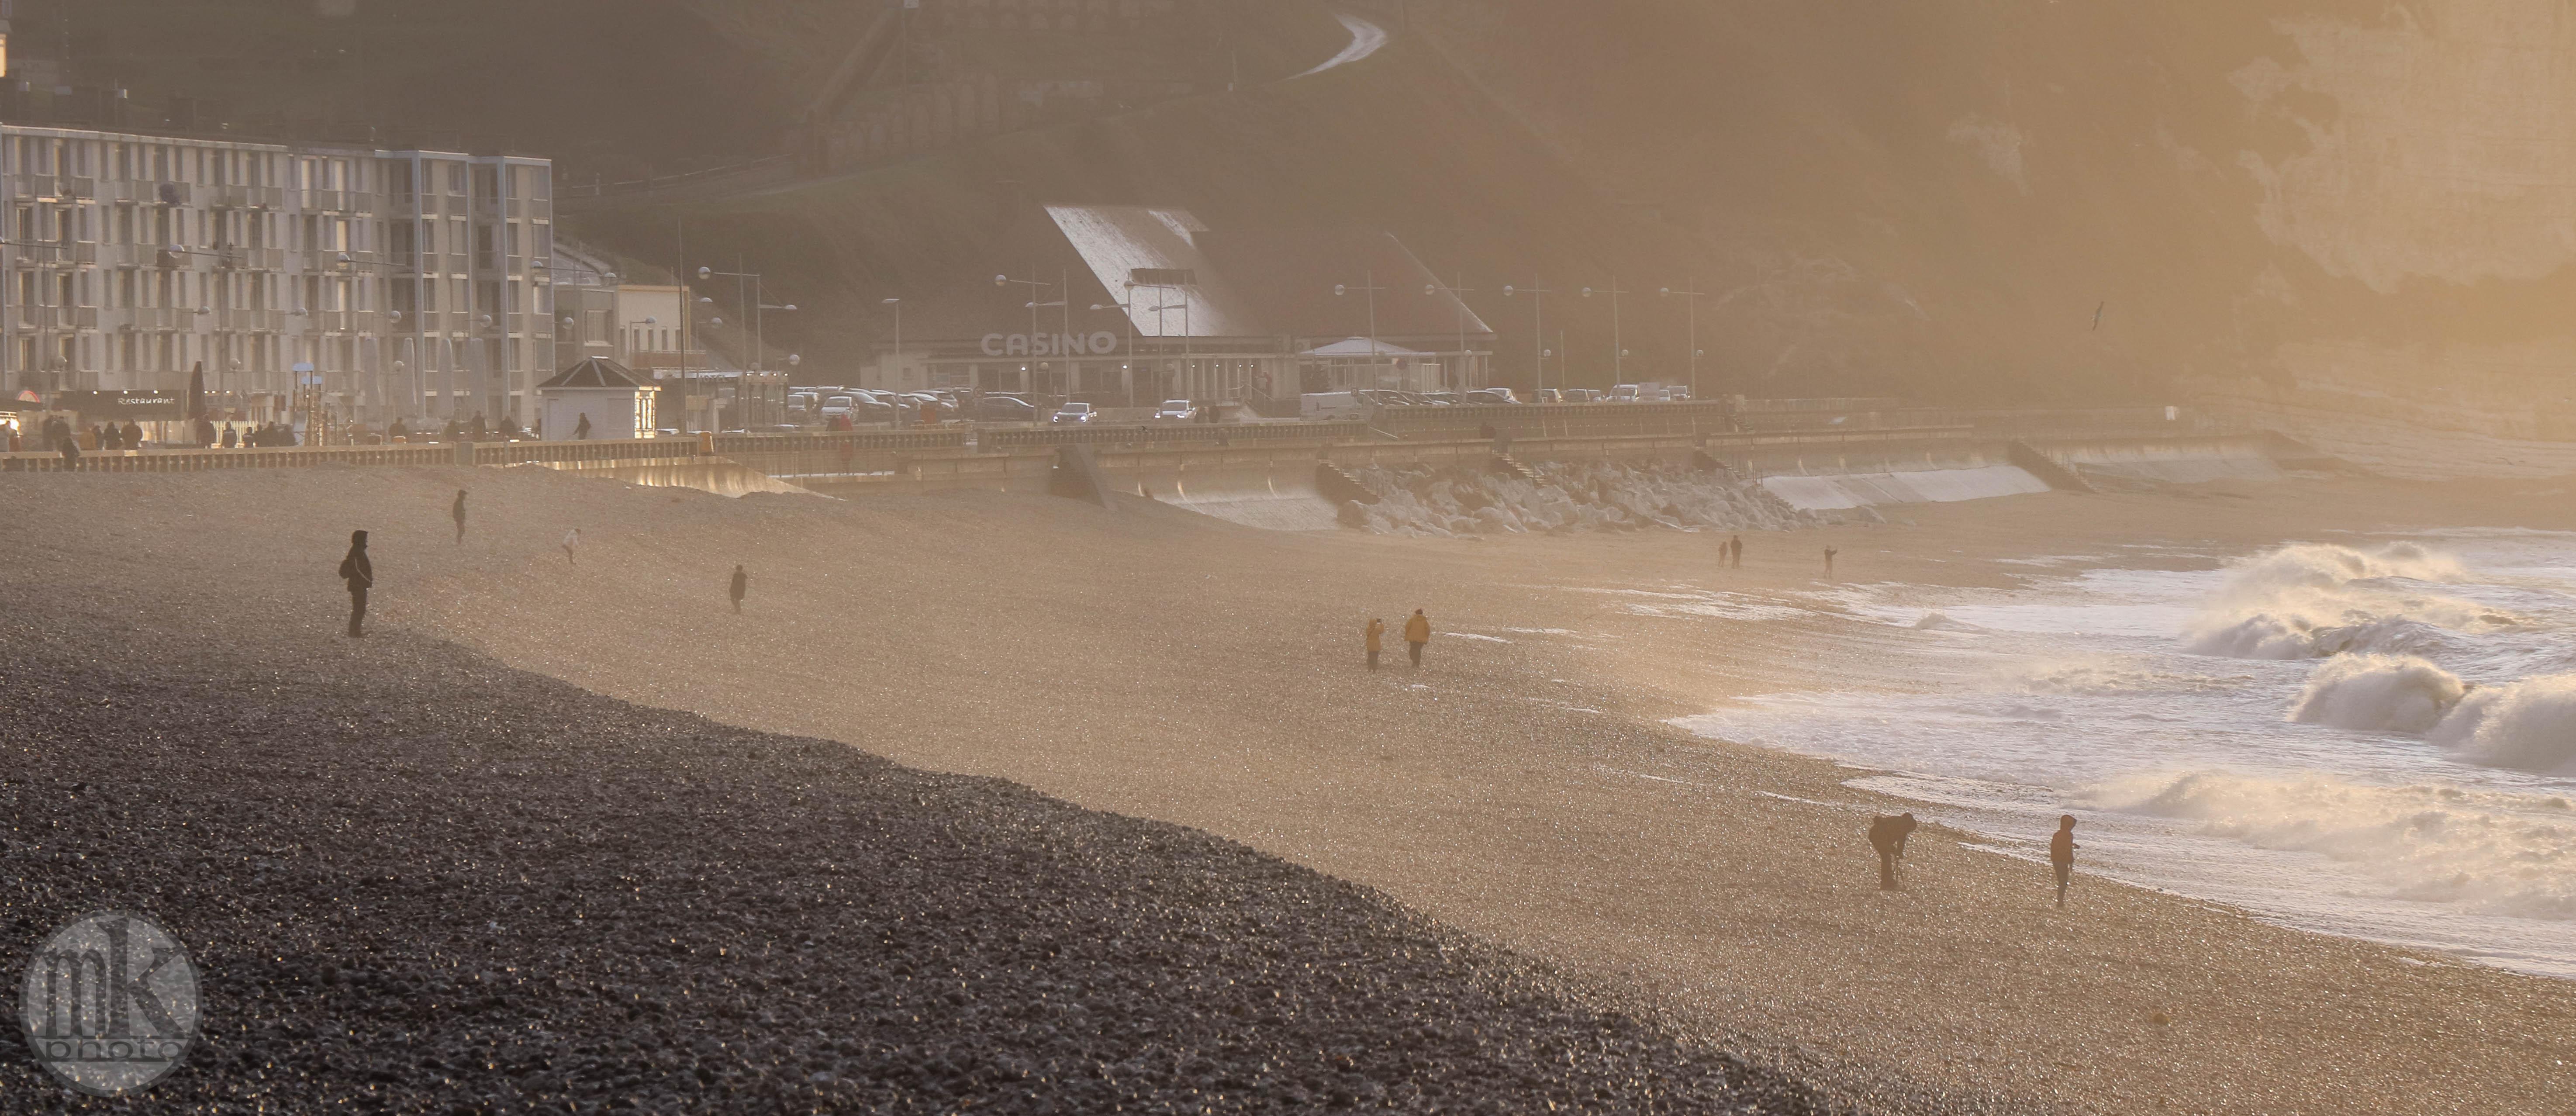 Fécamp, la plage, 22 déc 19, 17h13.jpg